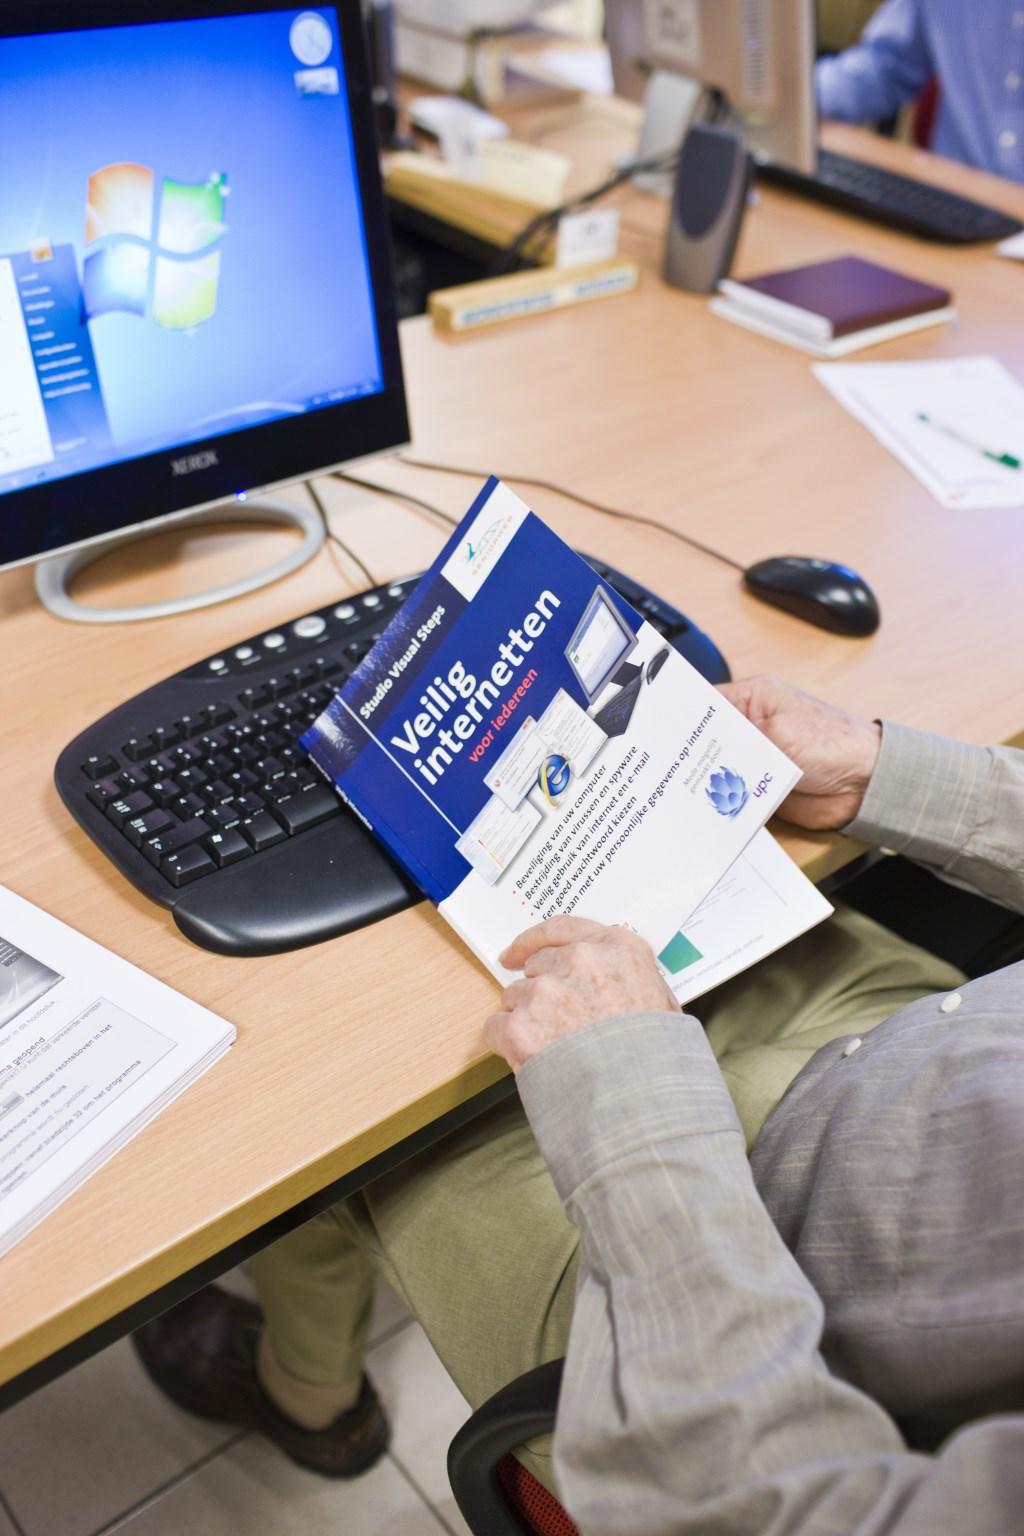 Er zijn cursussen Windows 10 en cursussen voor Apple-apparatuur. (Foto: www.ivarpel.nl) © rodi